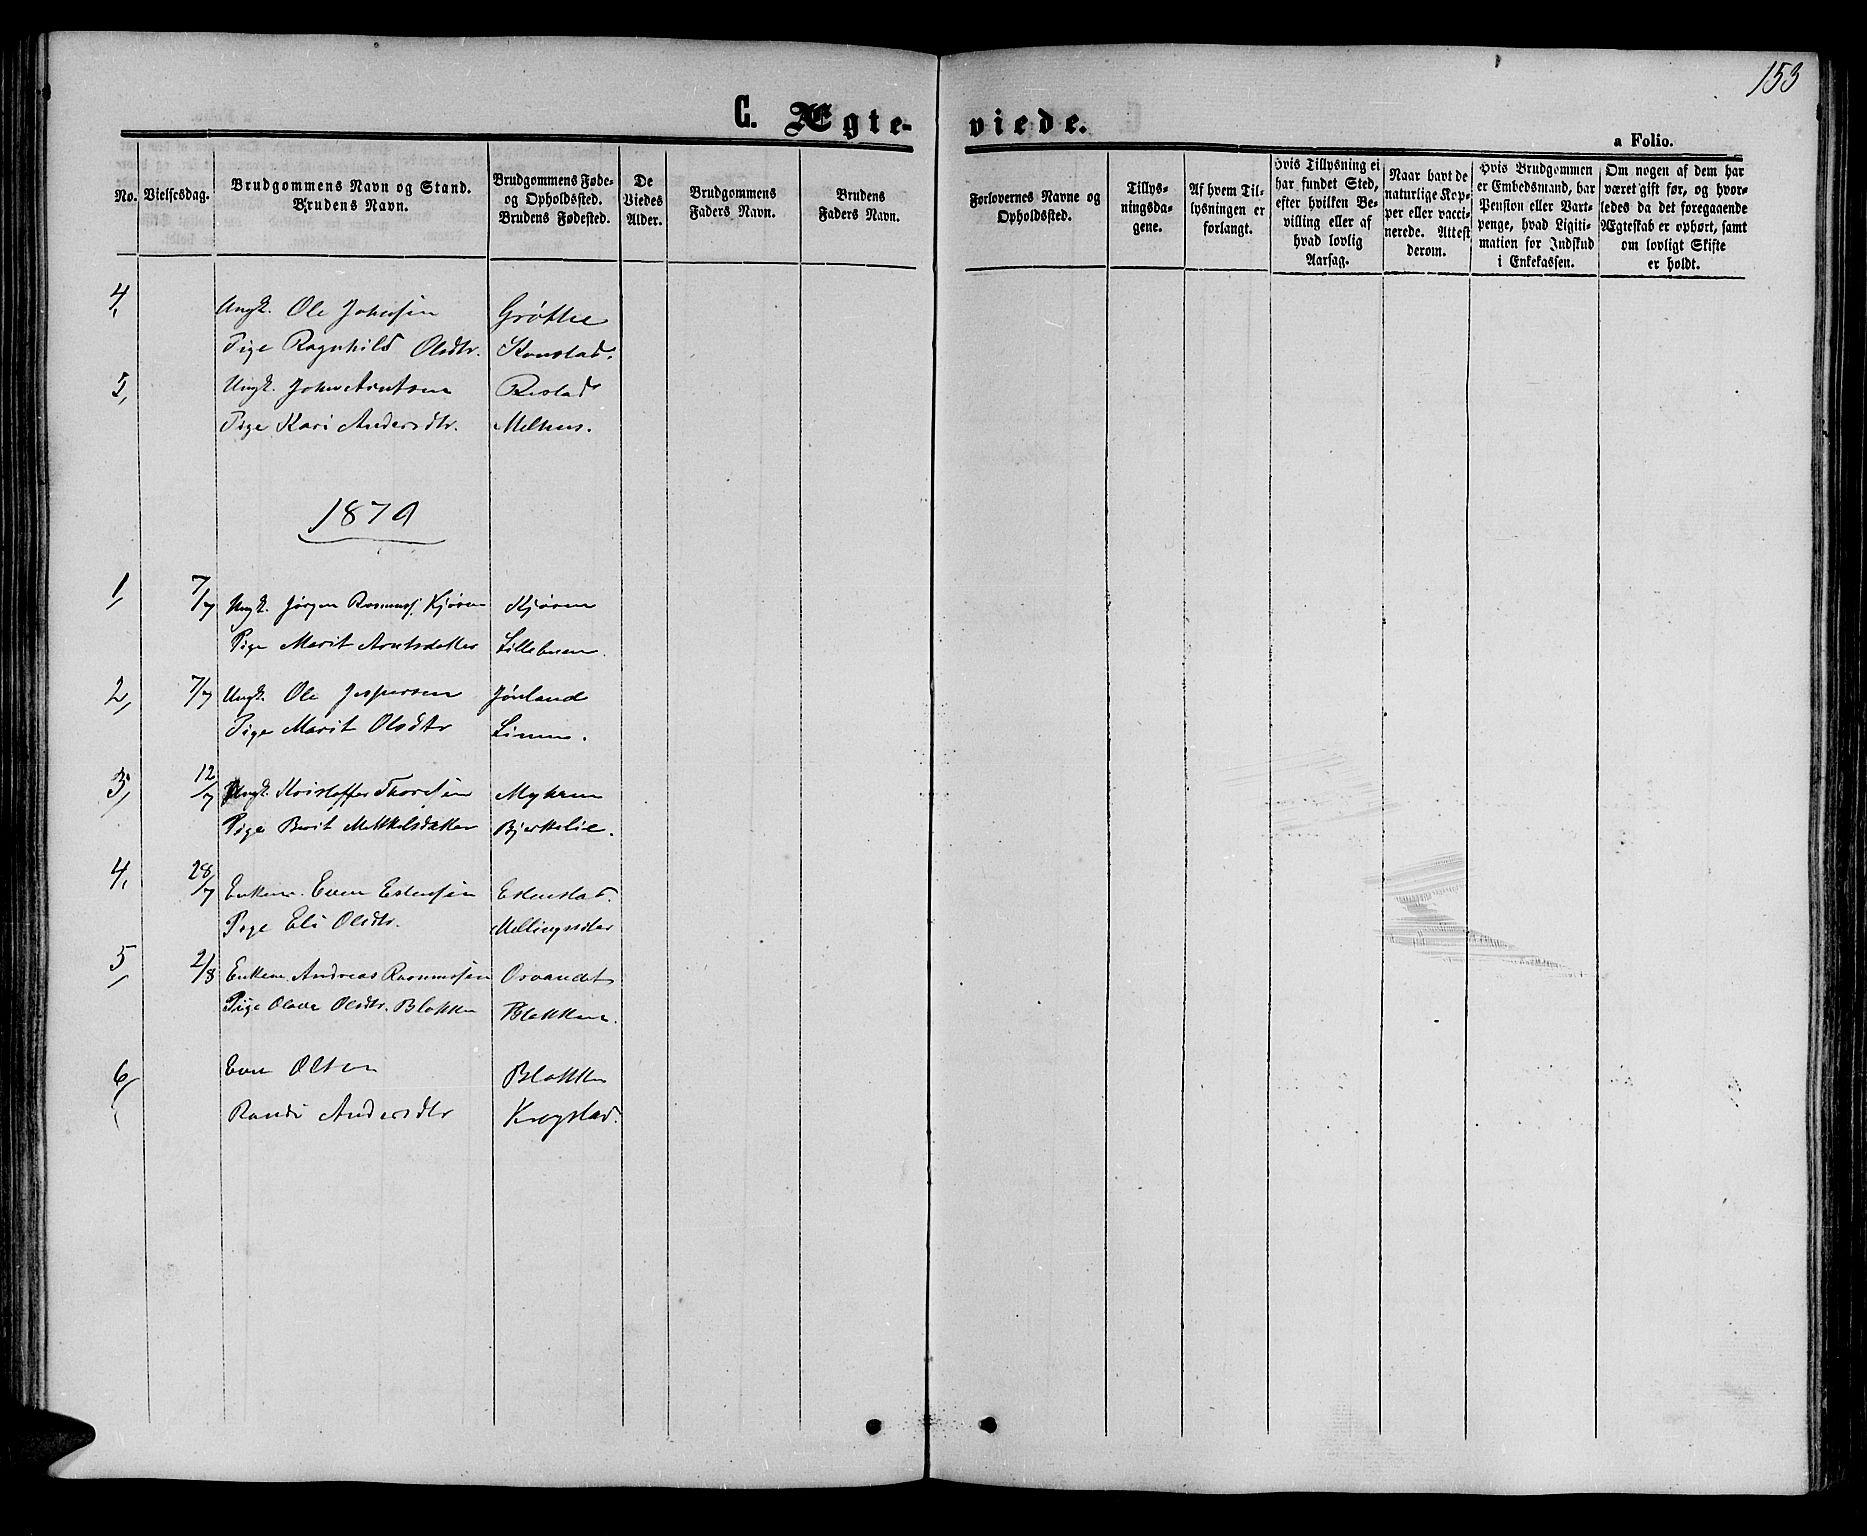 SAT, Ministerialprotokoller, klokkerbøker og fødselsregistre - Sør-Trøndelag, 694/L1131: Klokkerbok nr. 694C03, 1858-1886, s. 153